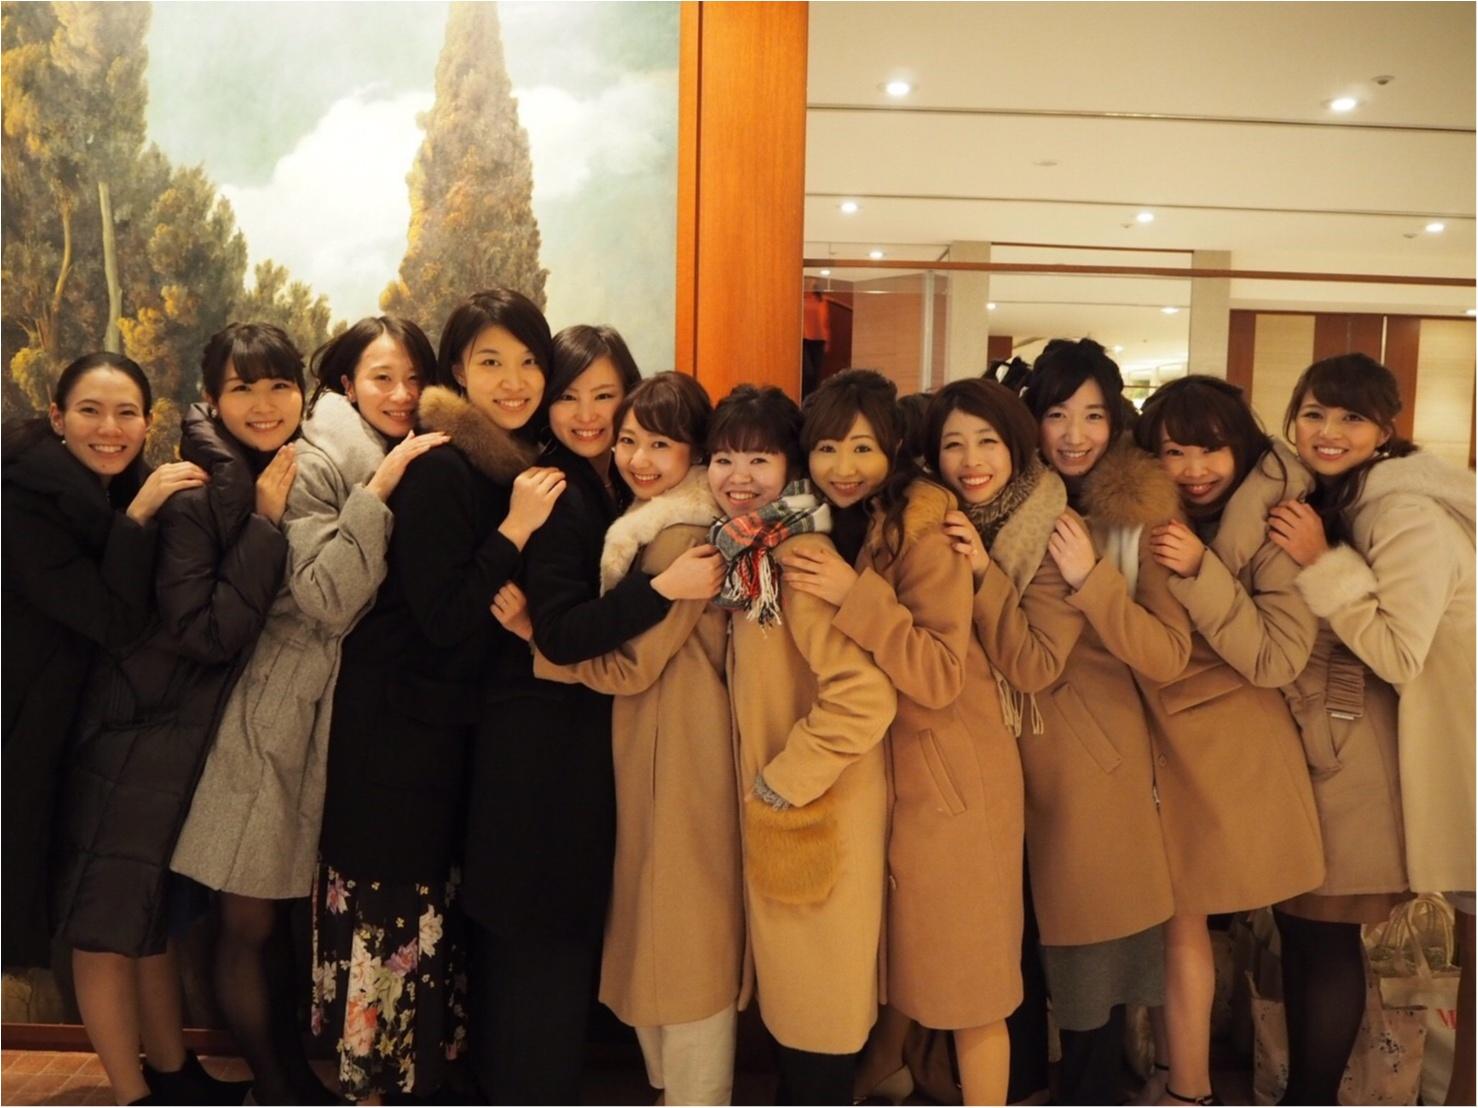 おしゃれ部員大集合!!年に一度のお楽しみ♡モアハピ大女子会byじゅな_16